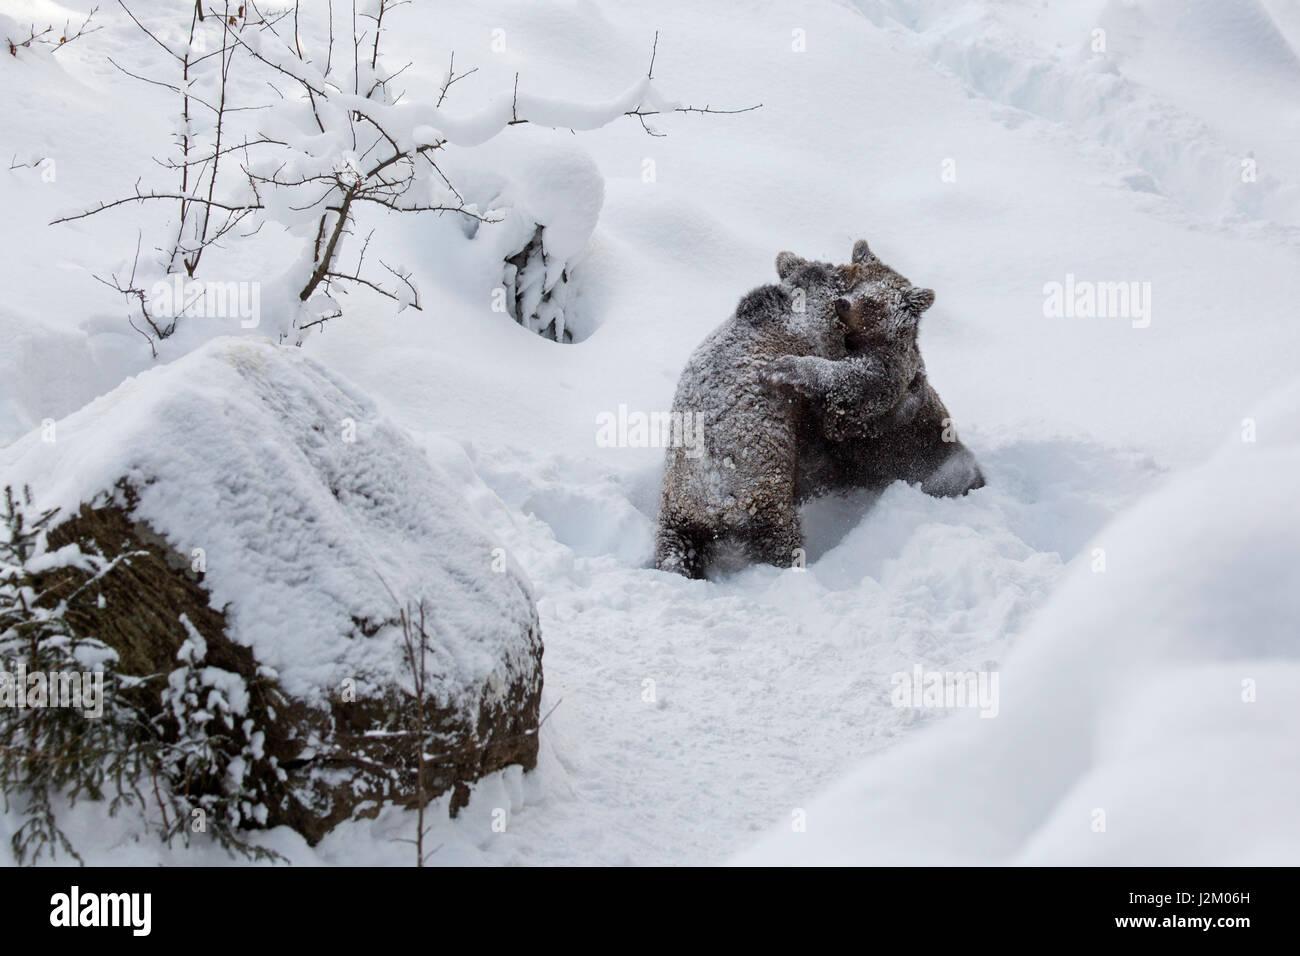 Dos 1-año-viejo crías de oso pardo (Ursus arctos arctos) jugar combates en la nieve en invierno Imagen De Stock